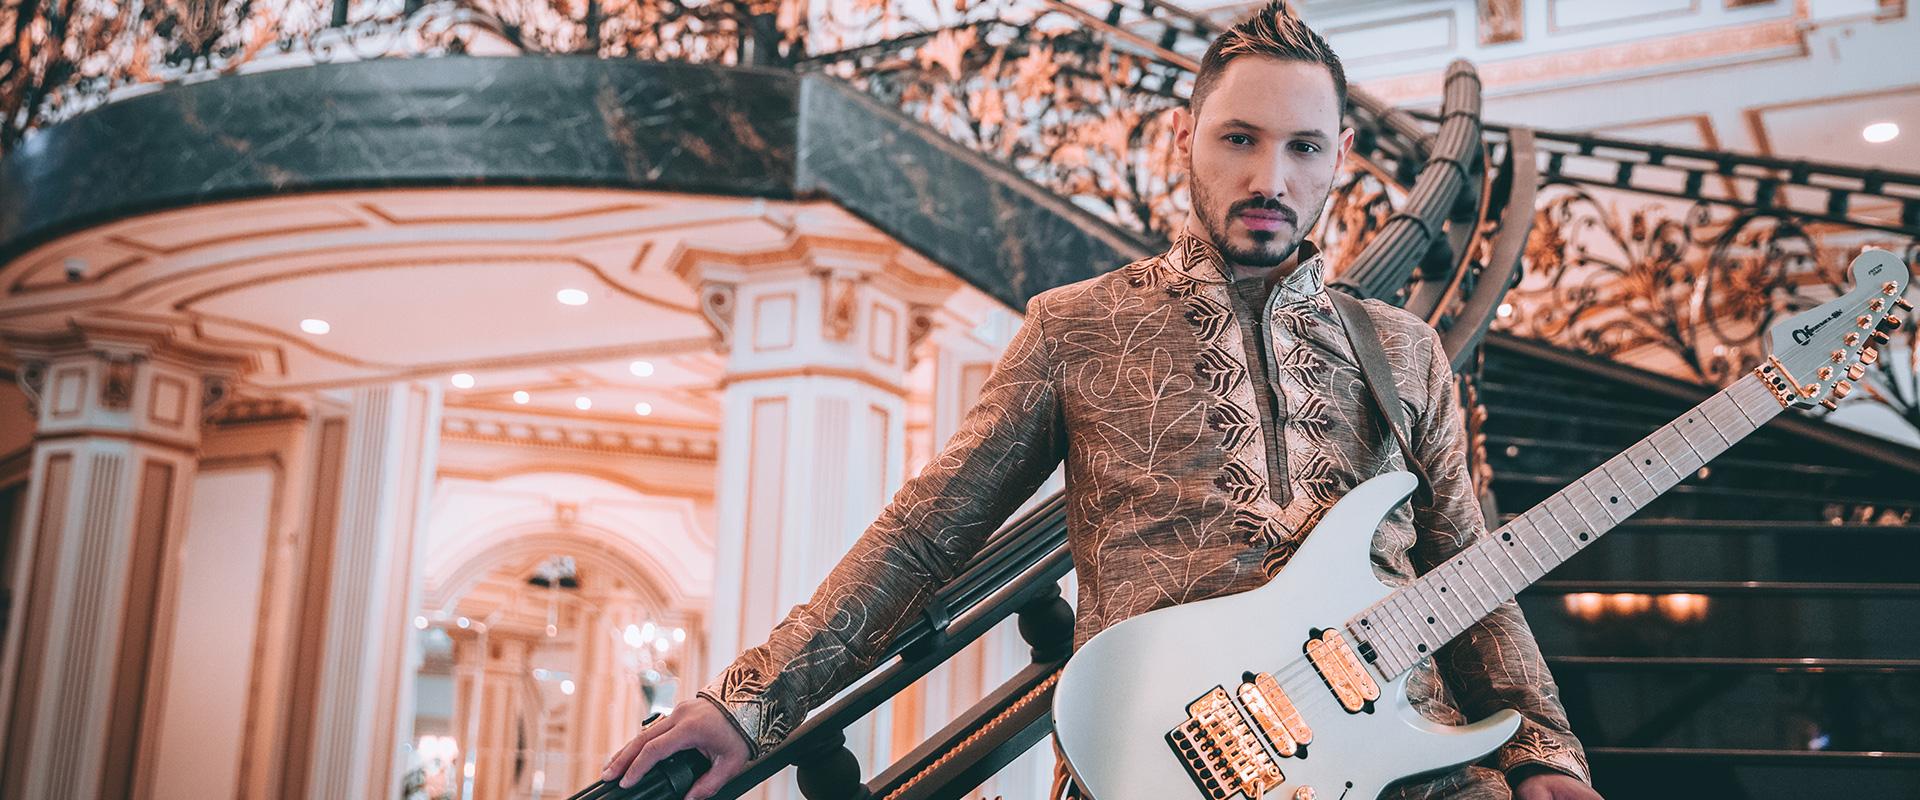 Angel Vivaldi for DiMarzio